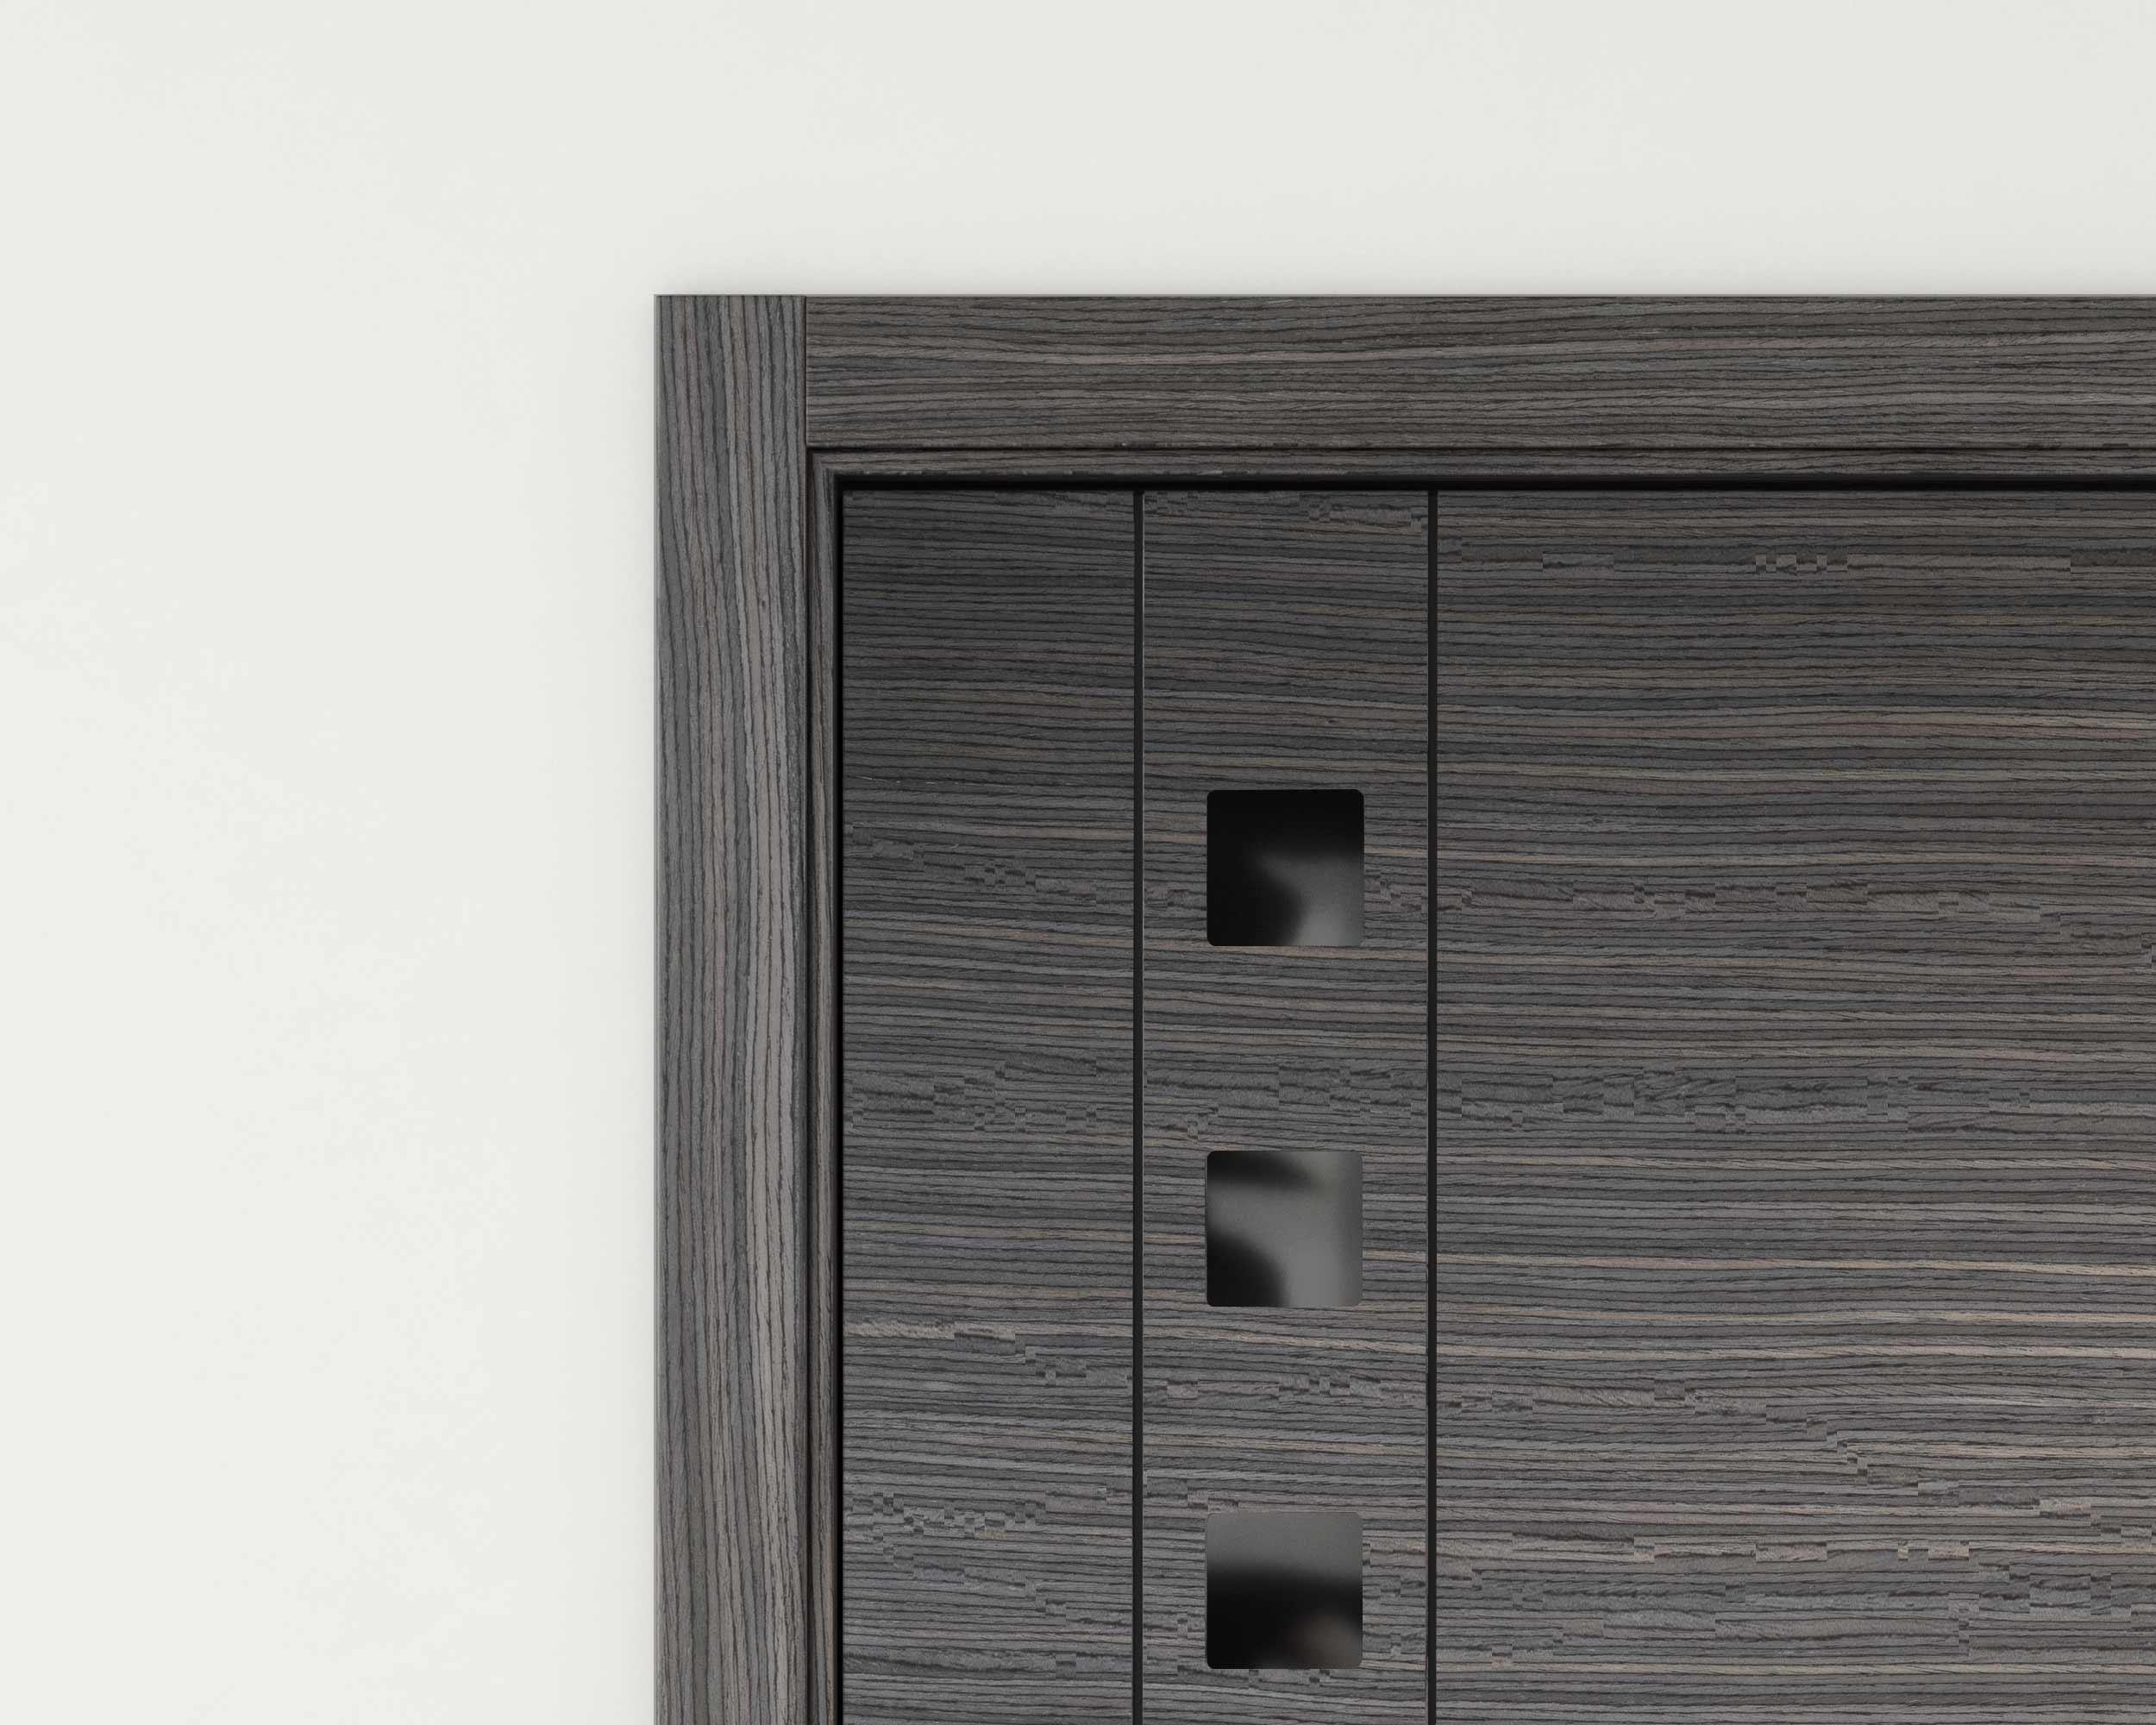 porta-carvalho-rw198-embutido-preto-alto-brilho-promenor